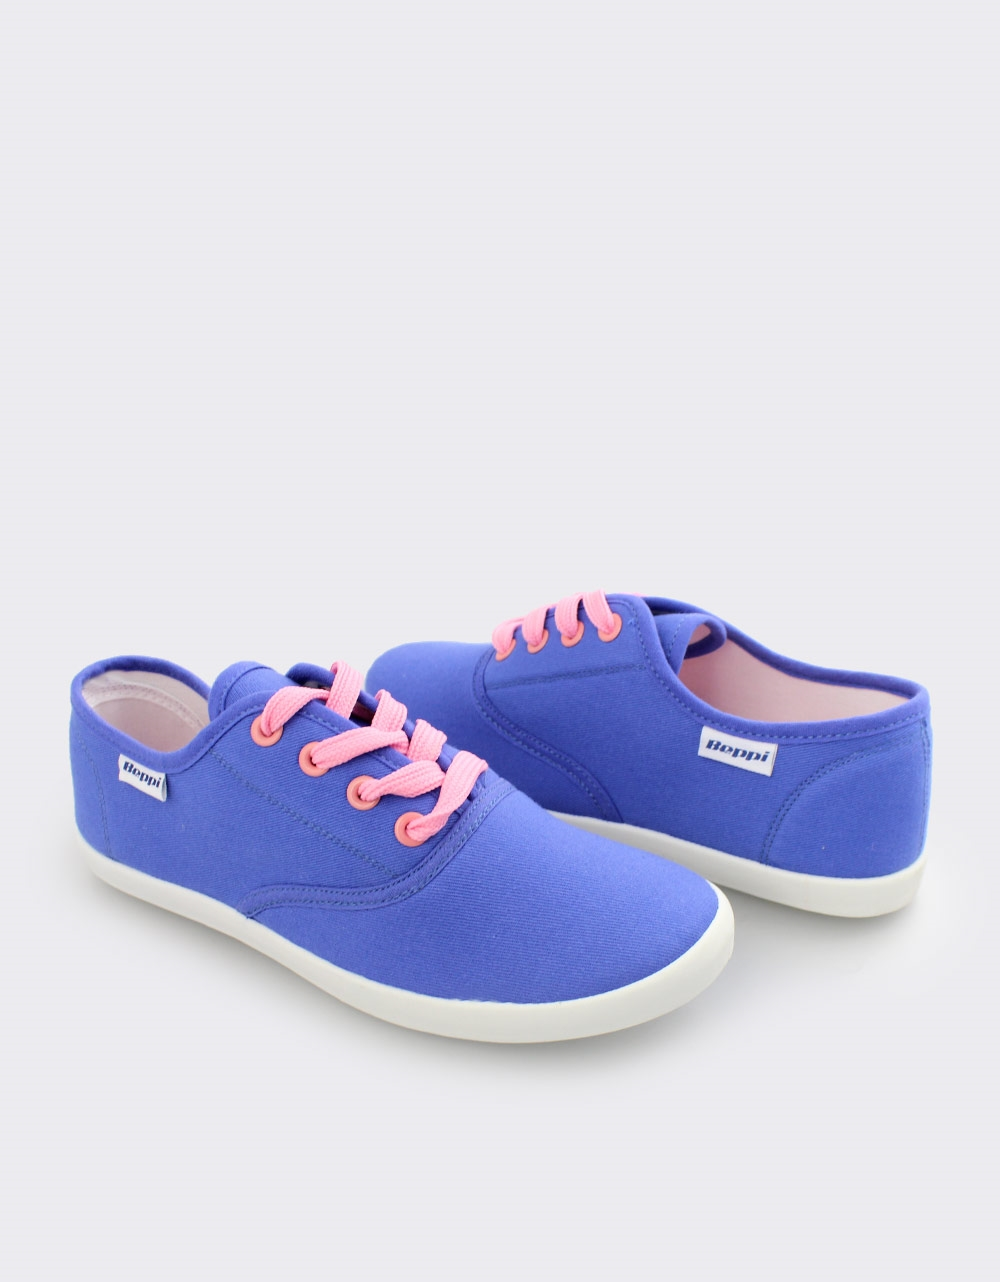 Εικόνα από Γυναικεία sneakers μονόχρωμα Μπλε